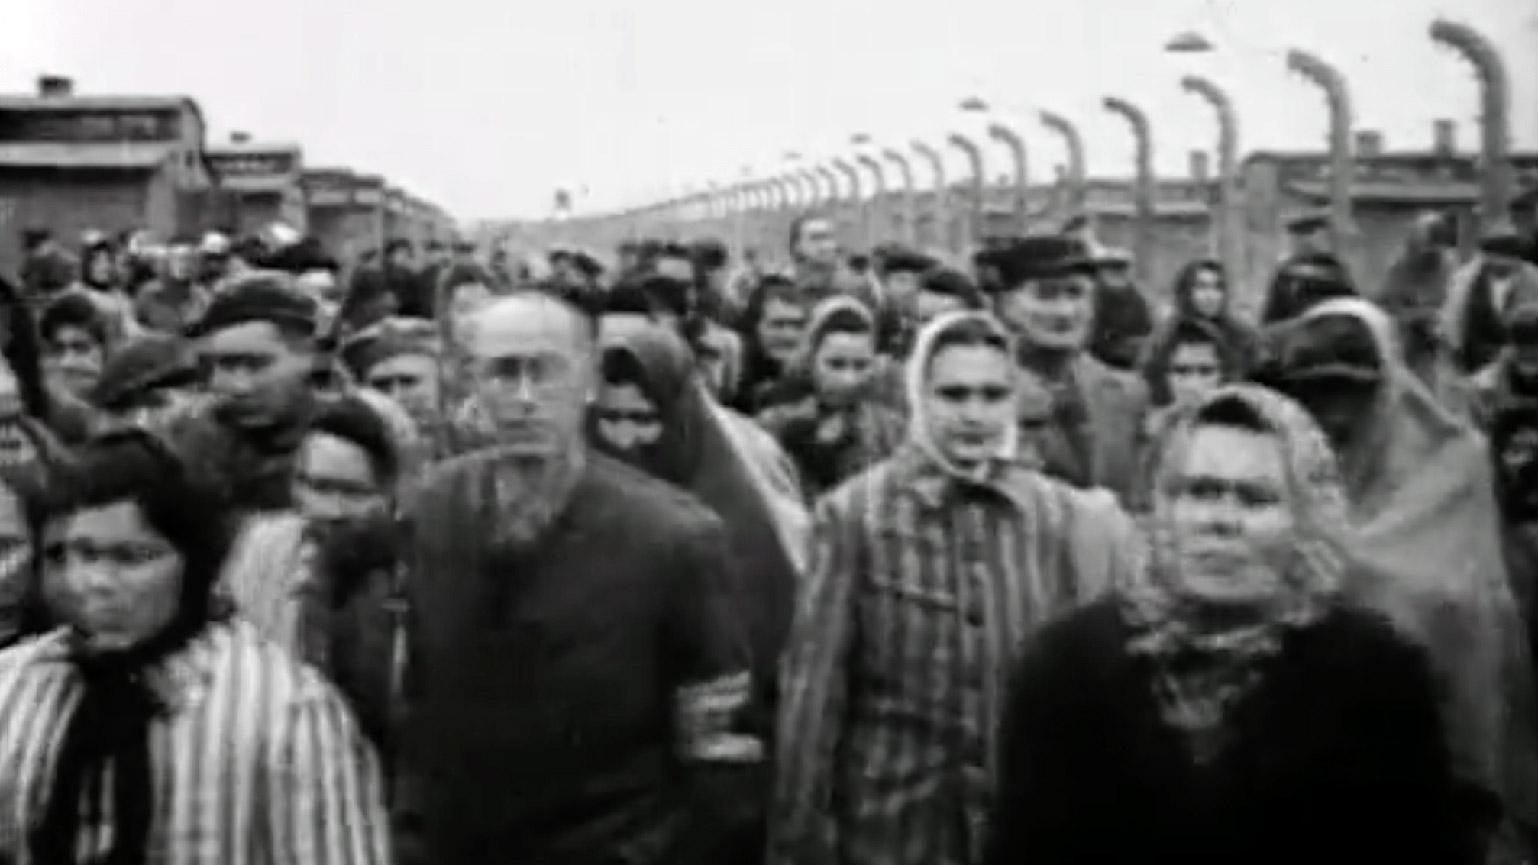 Jüdische Vergeltungsaktionen in Nürnberg